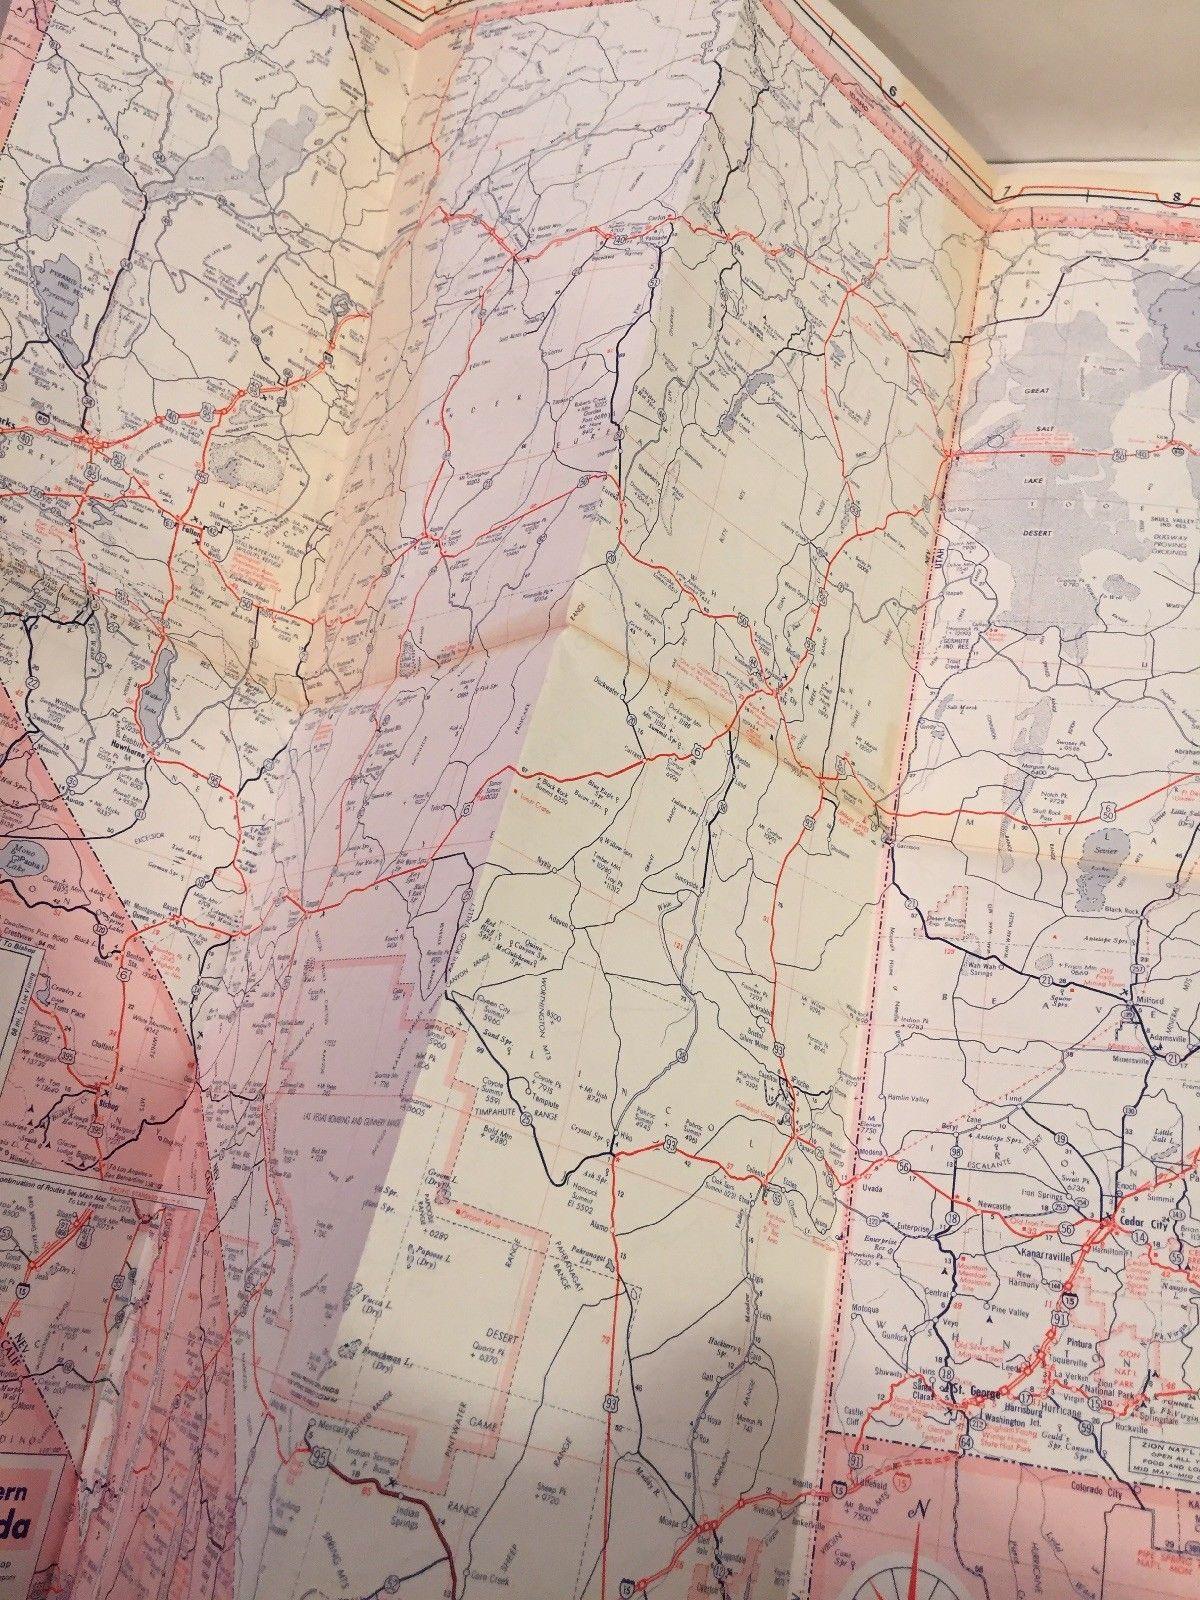 1967 TENNECO COLORADO NEVADA UTAH Gasoline Company Highway Interstate Road  Map